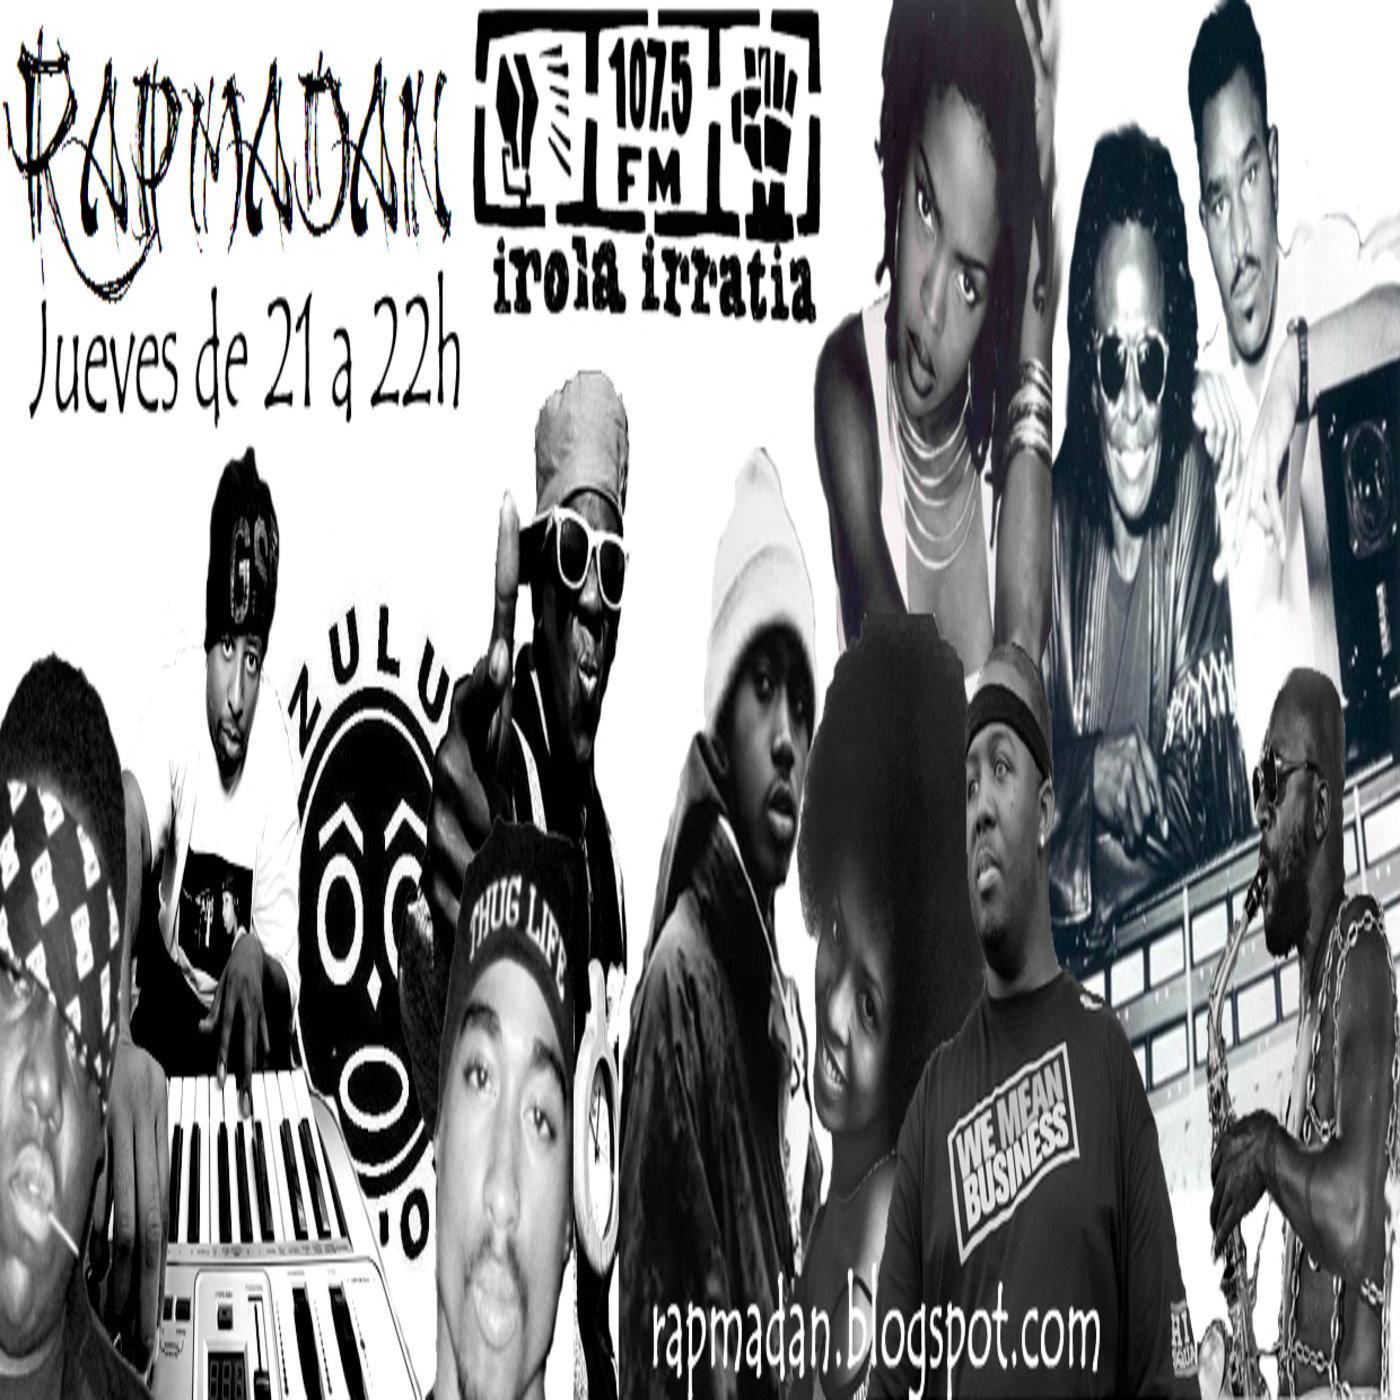 Rapmadan3 - Vol. 7 - Con 73Bravo